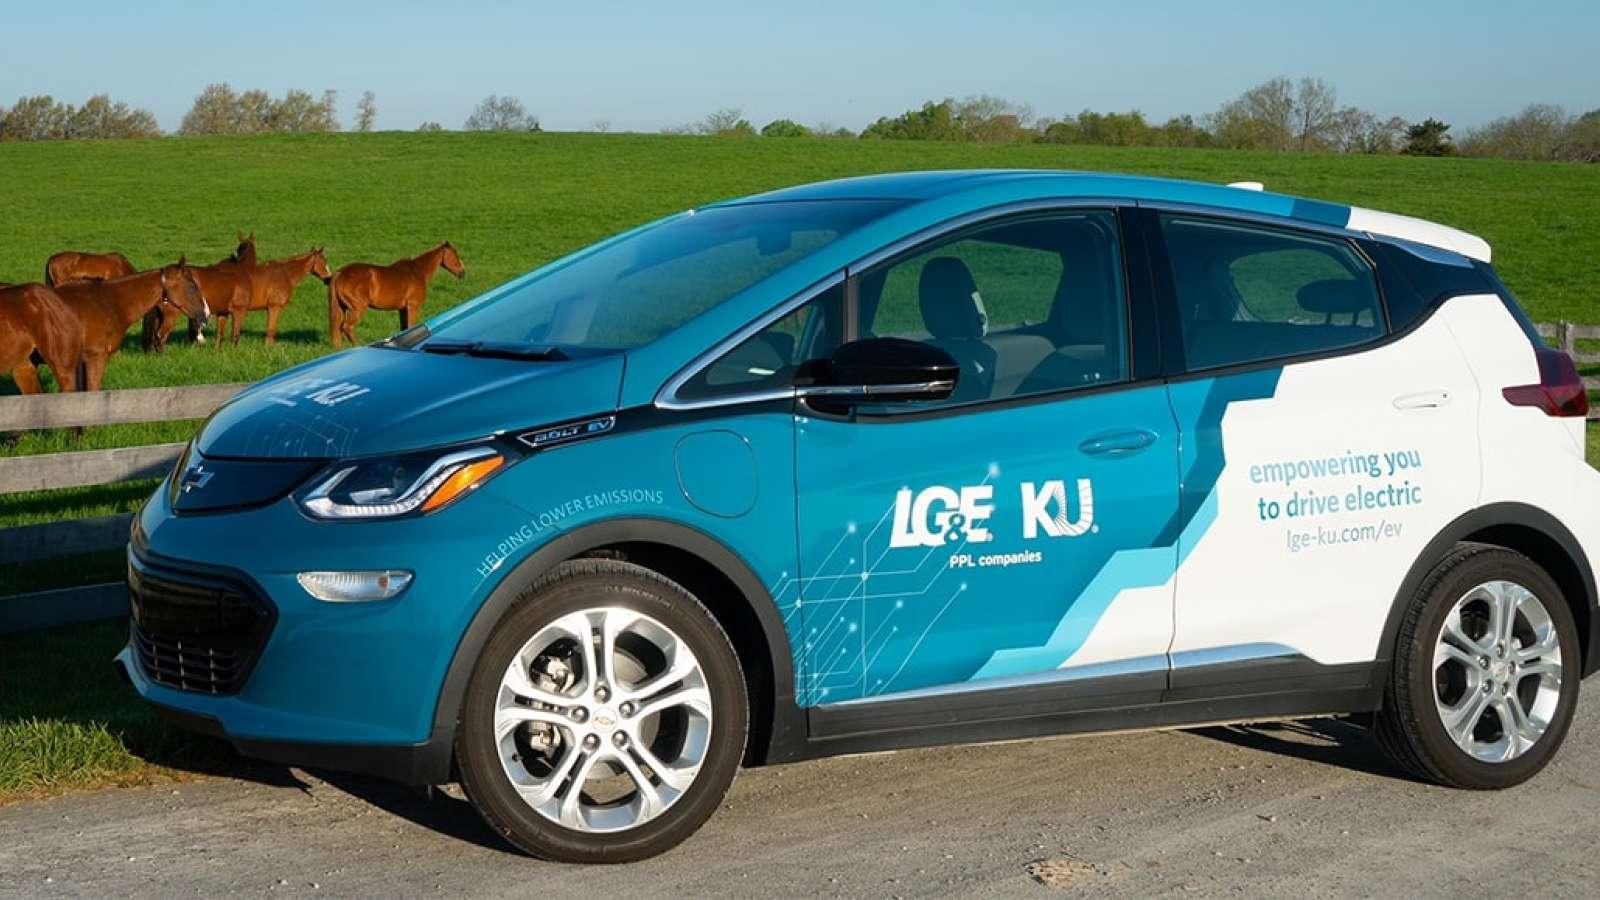 LG&E and KU EV vehical